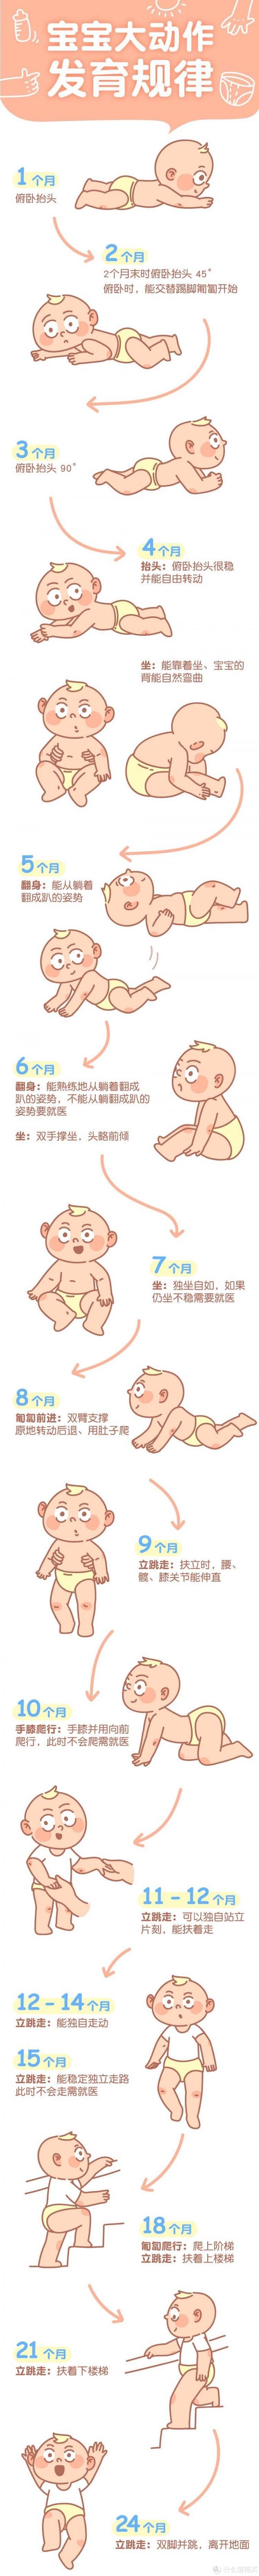 0至3岁宝宝发育情况对照表,别因为你的疏忽耽误了宝宝成长,快收藏吧!